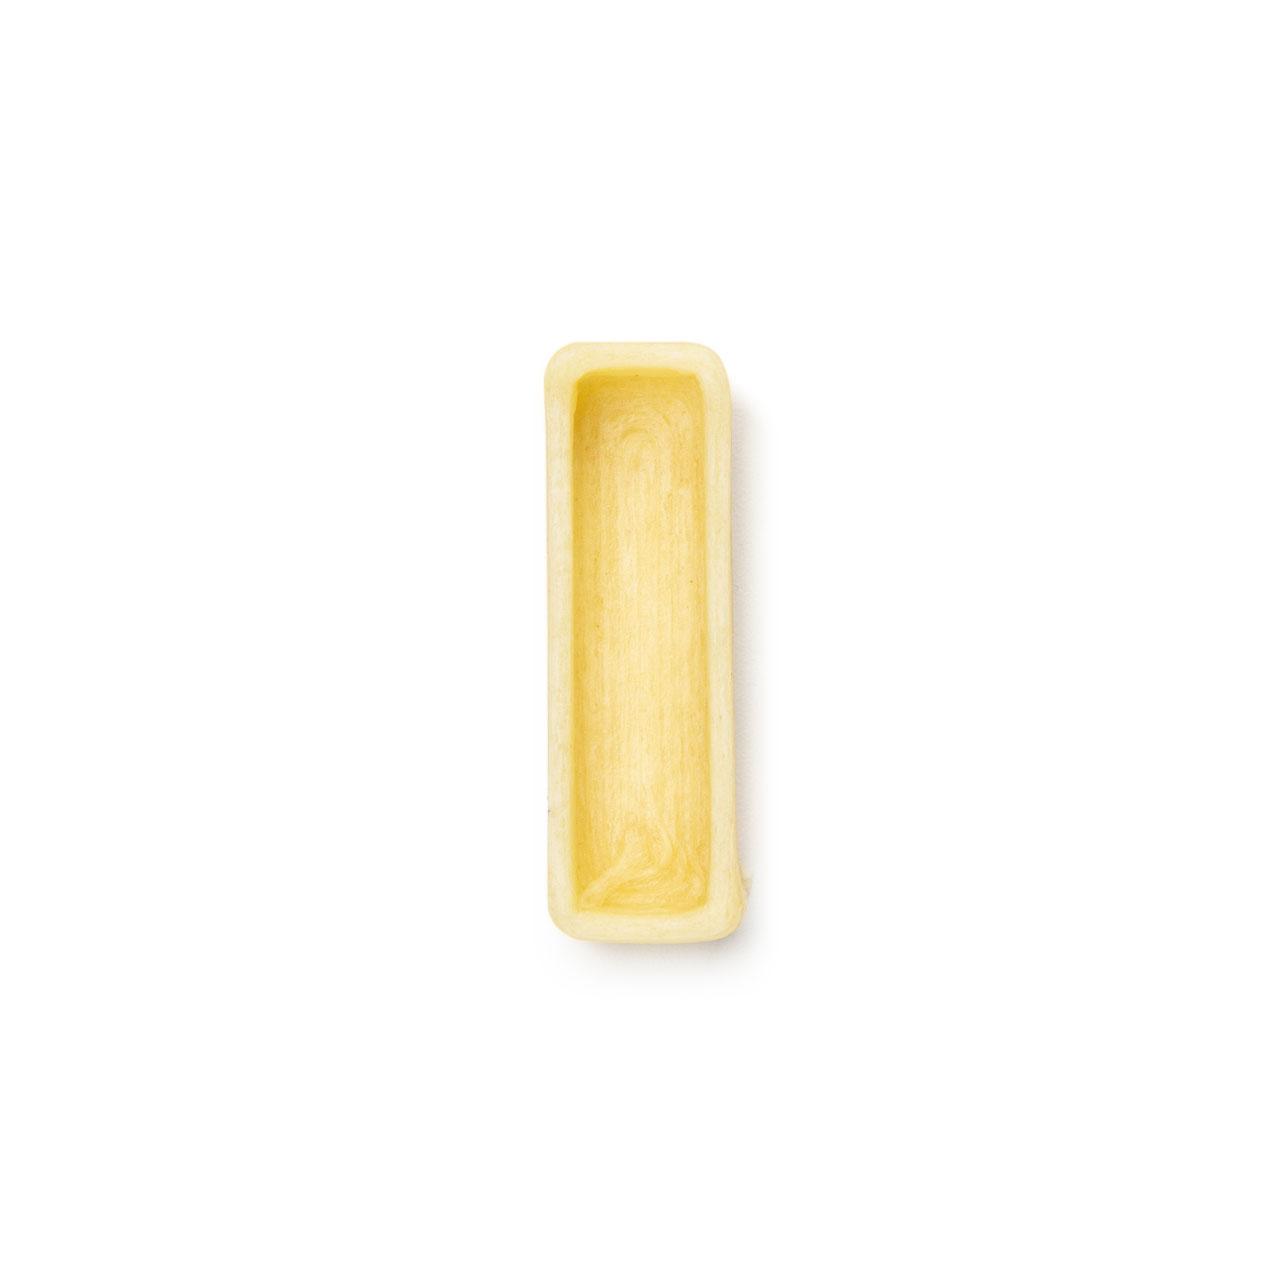 La lettera I di pasta